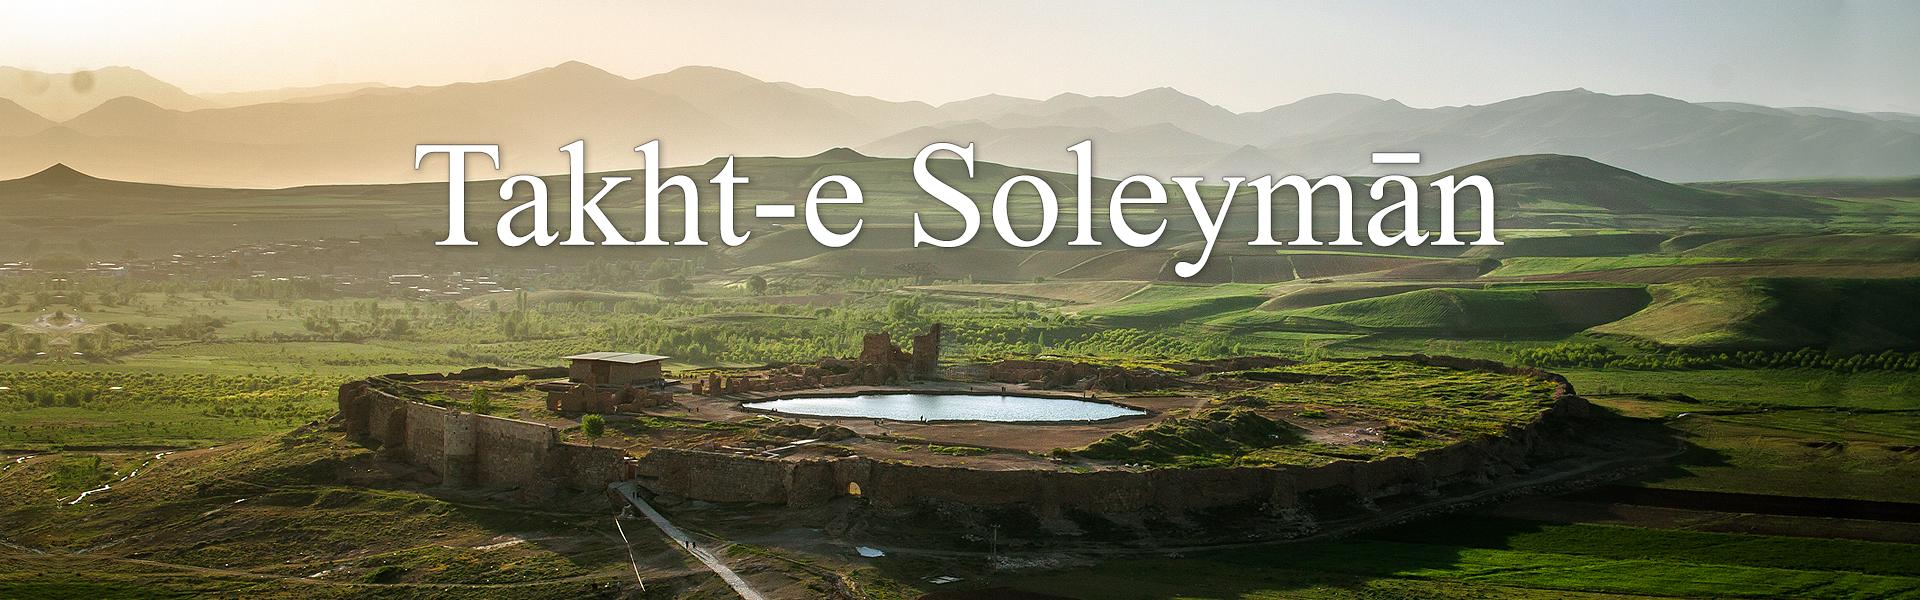 Takht-e-Soleymn